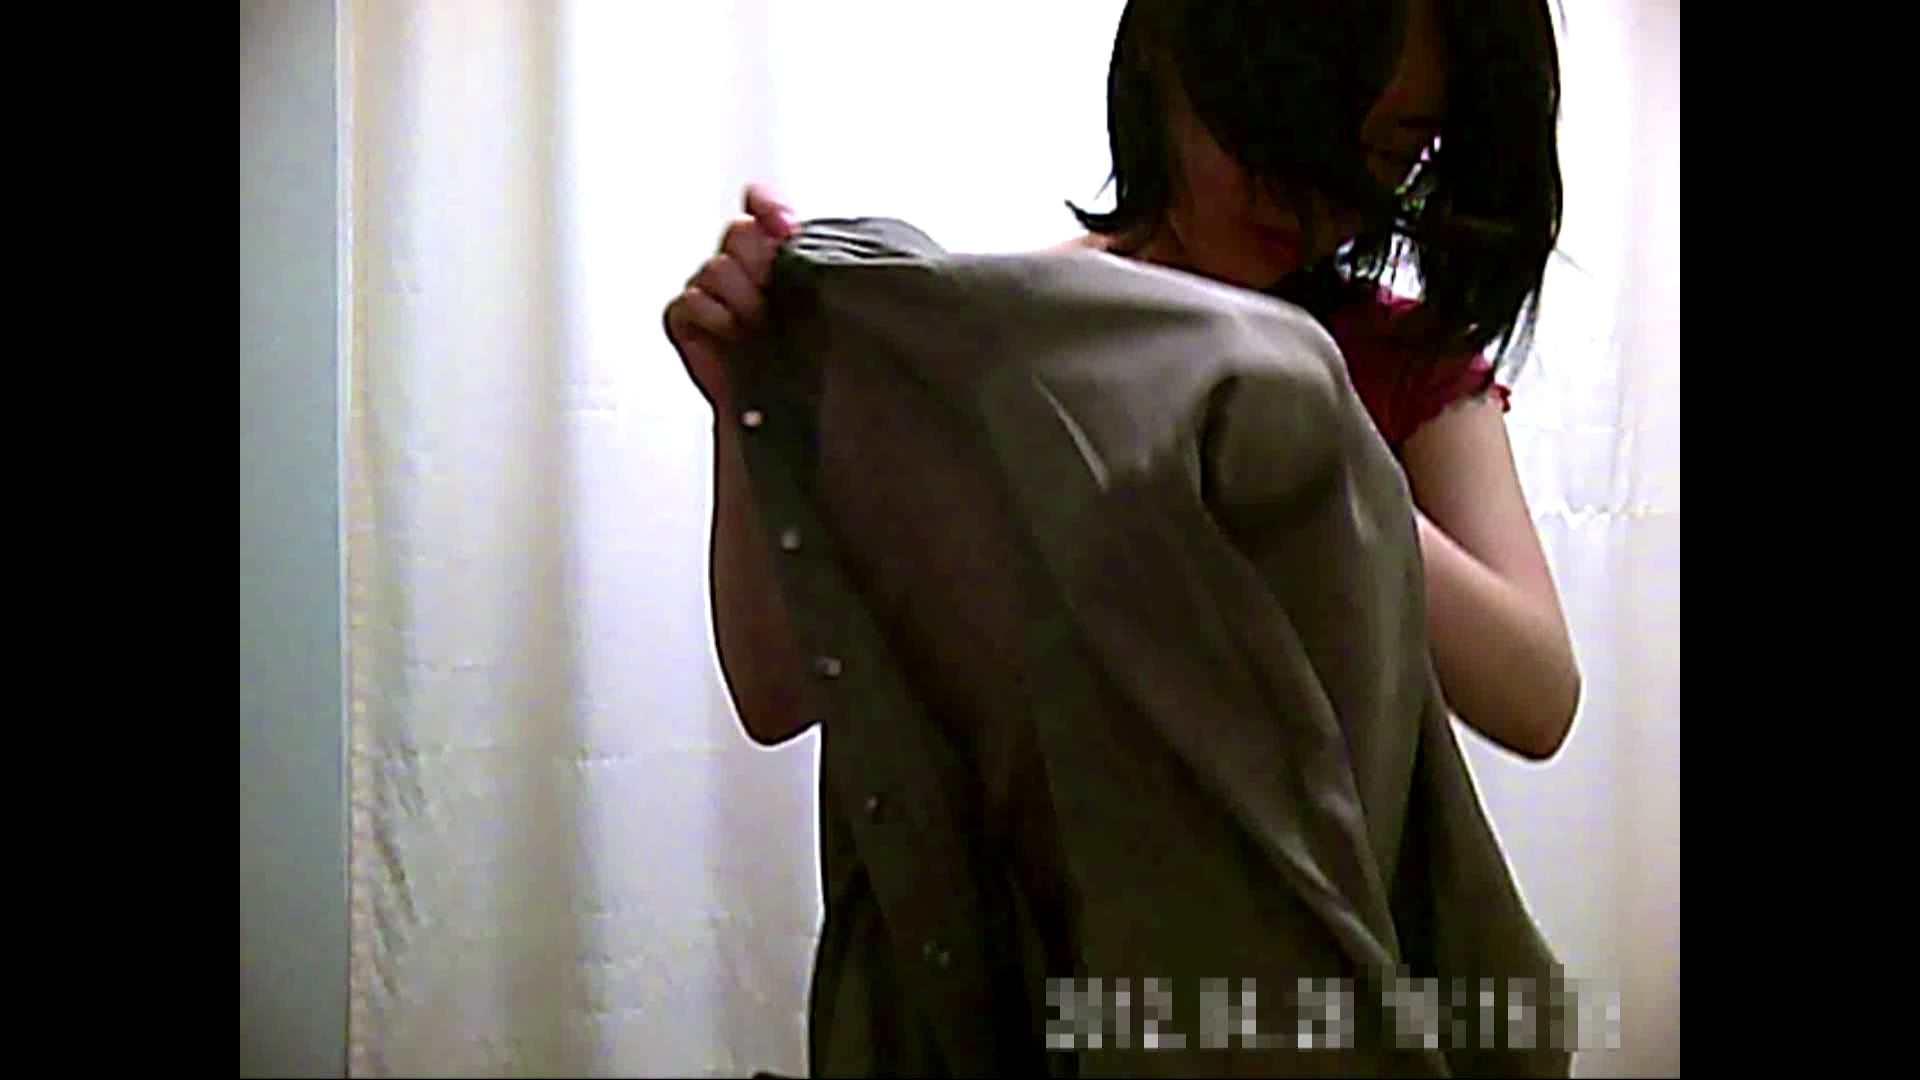 元医者による反抗 更衣室地獄絵巻 vol.004 OL | 0  84連発 72